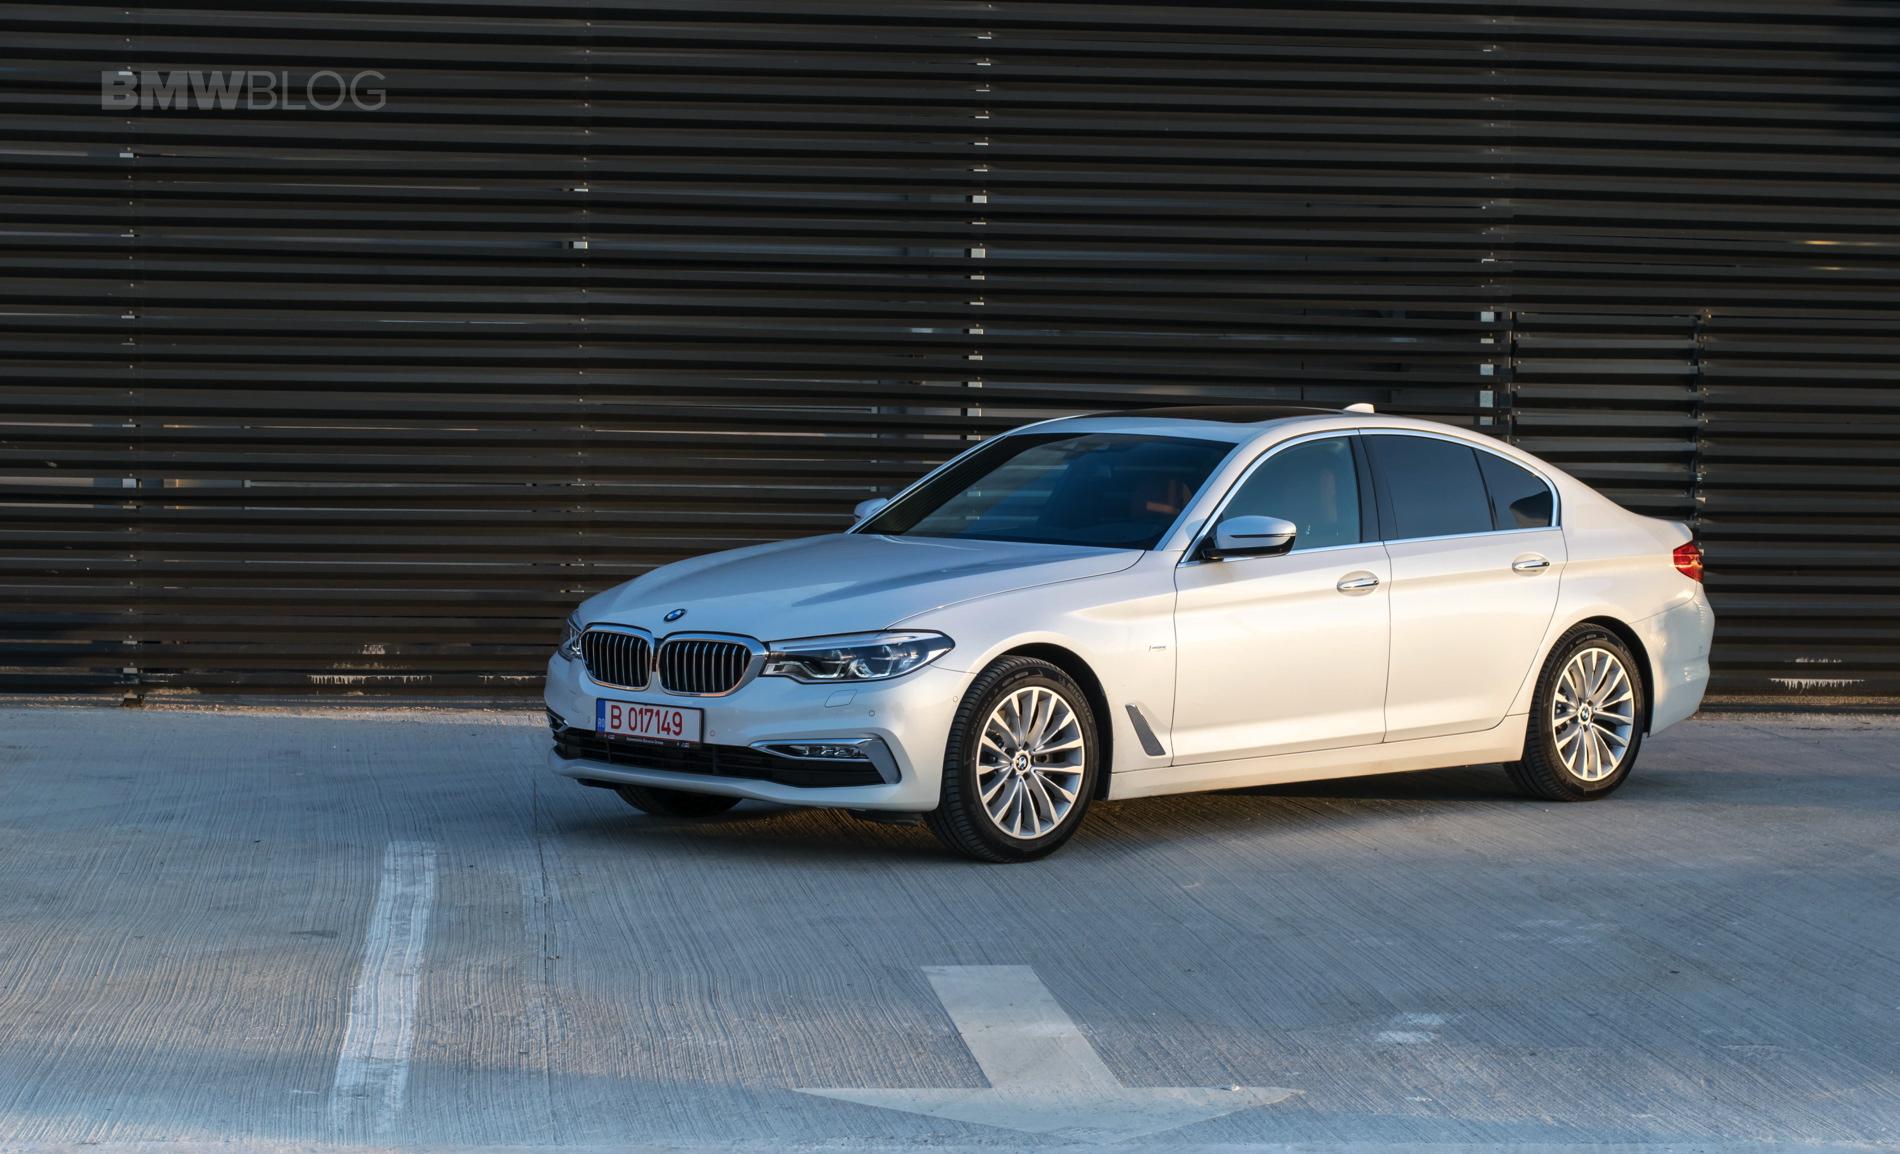 2017 BMW 520d Sedan test drive 35